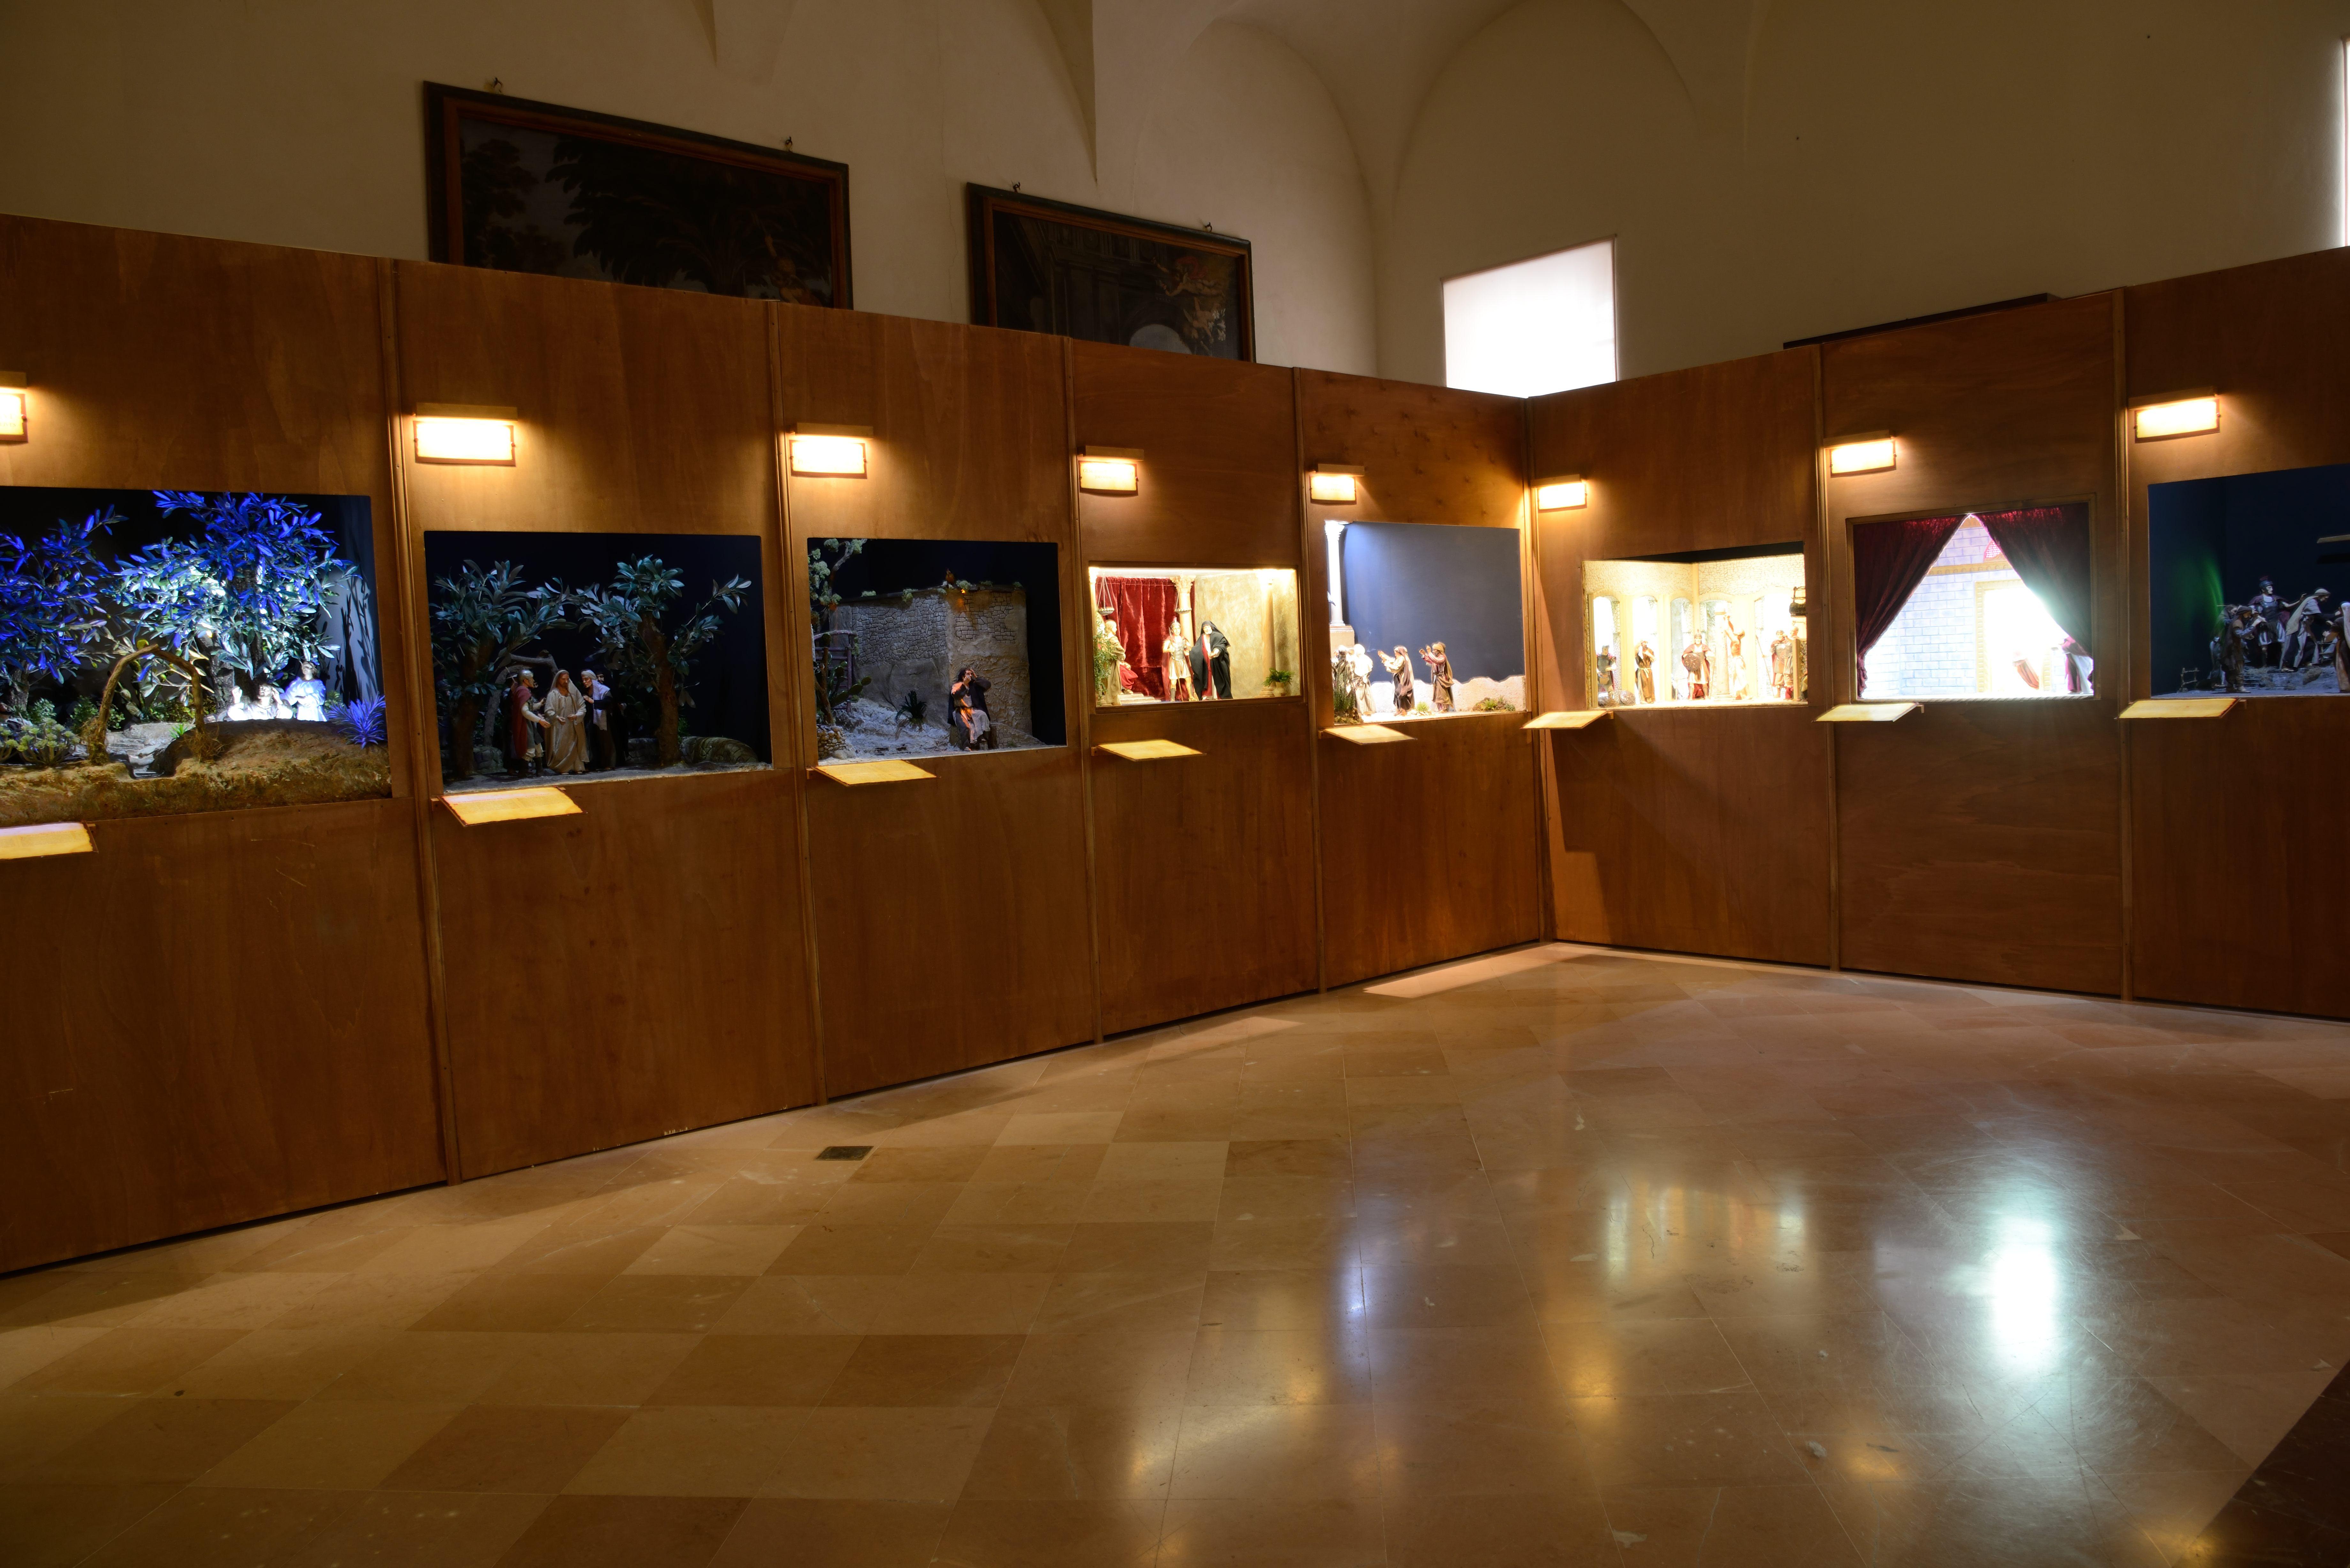 """Basilica di Santa Maria degli Angeli """"Mostra Mistero d'Amore e di Misericordia"""" dal 12 febbraio al 25 Aprile 2017"""